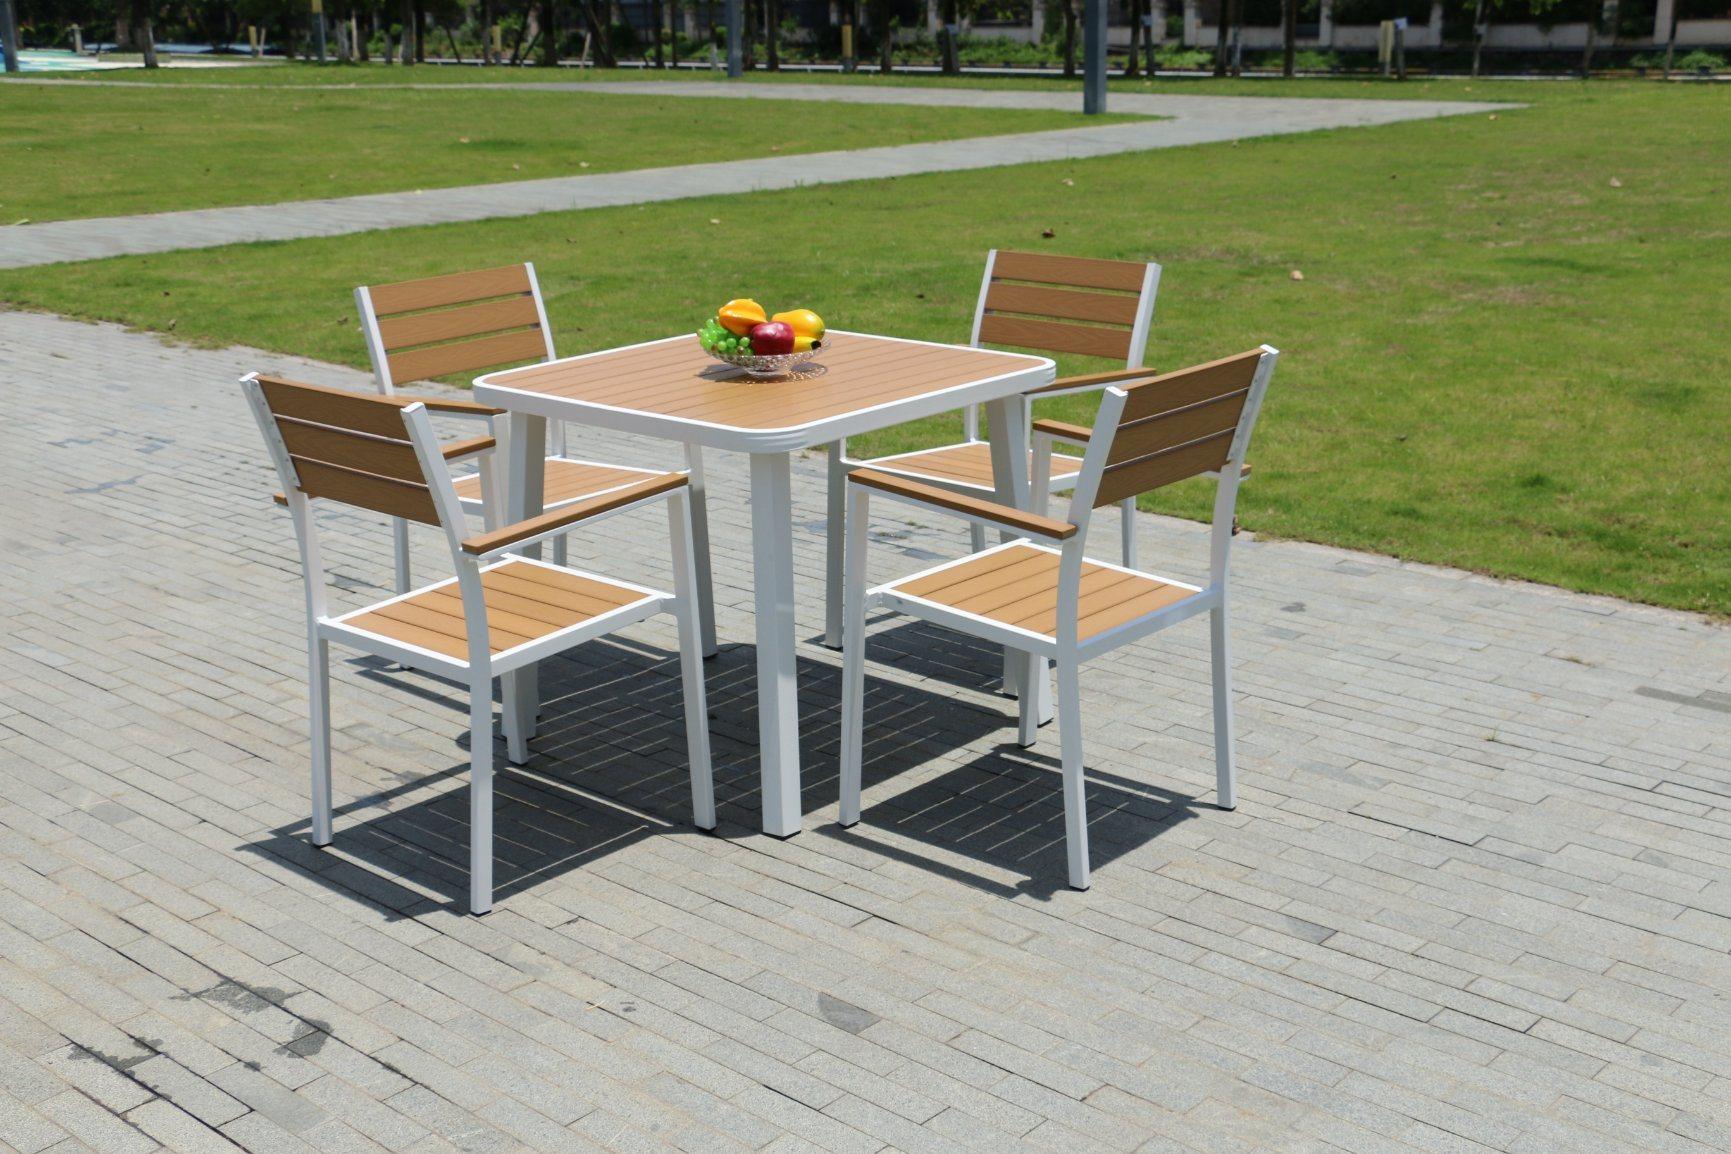 China Aluminium Restaurant Timber, Timber Outdoor Bench Dining Table Set